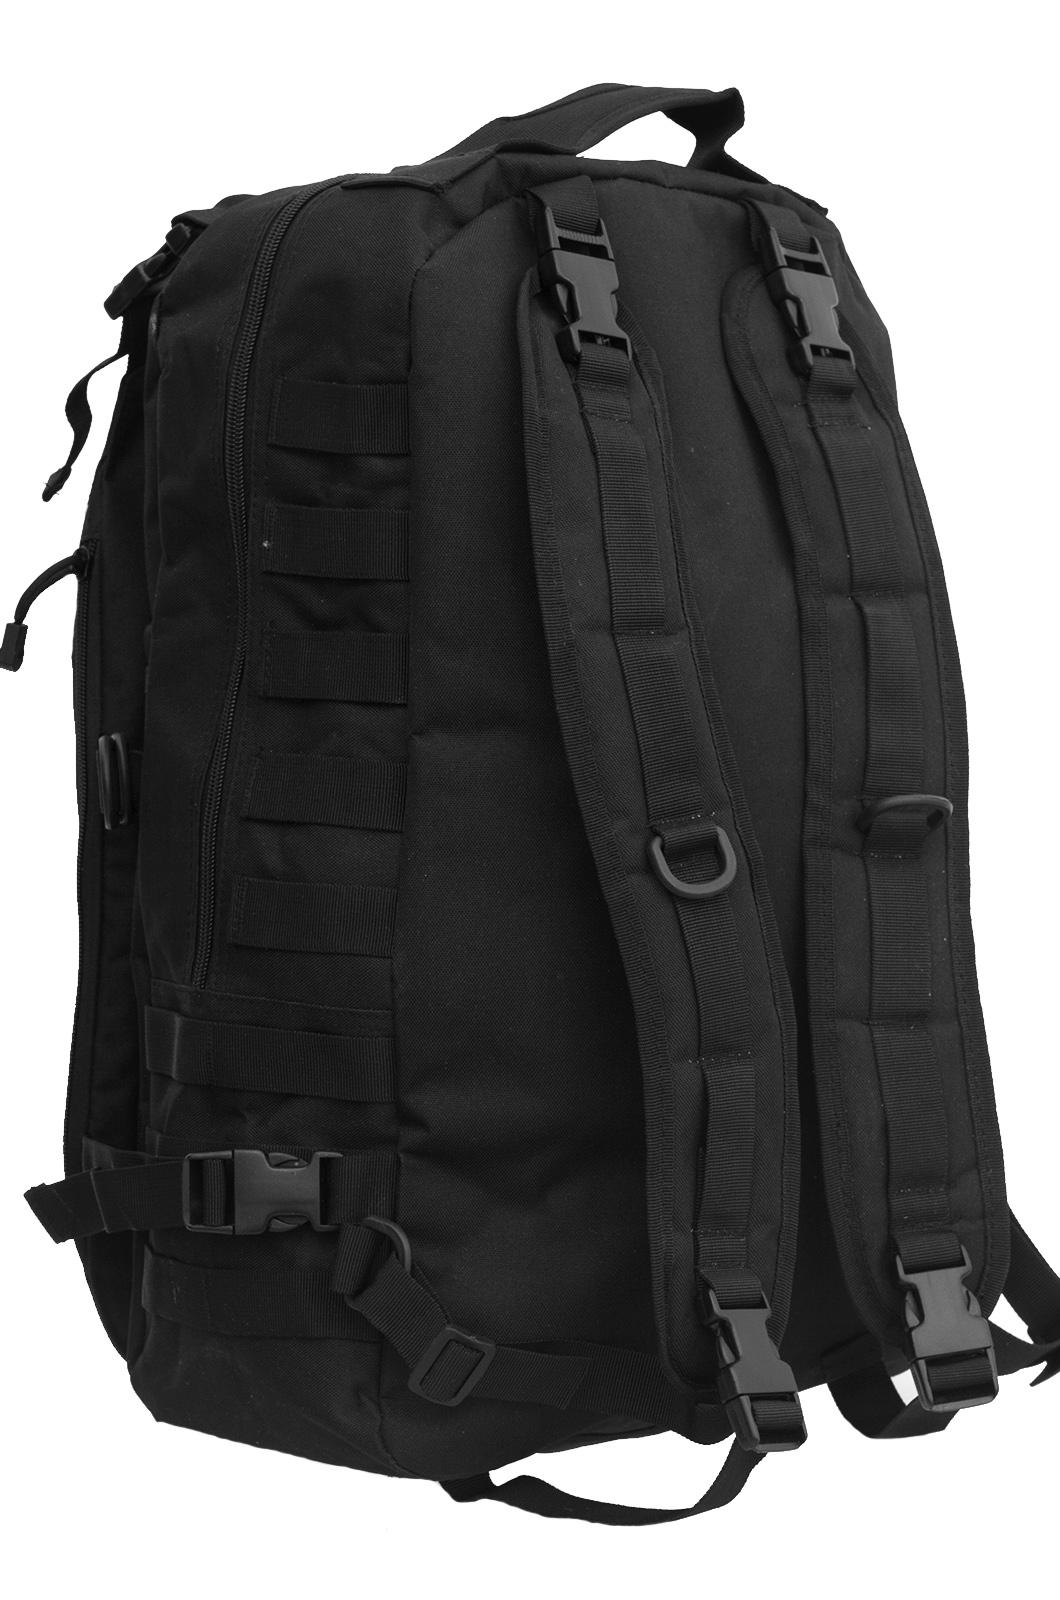 Черный штурмовой рюкзак с нашивкой ФСО - заказать онлайн